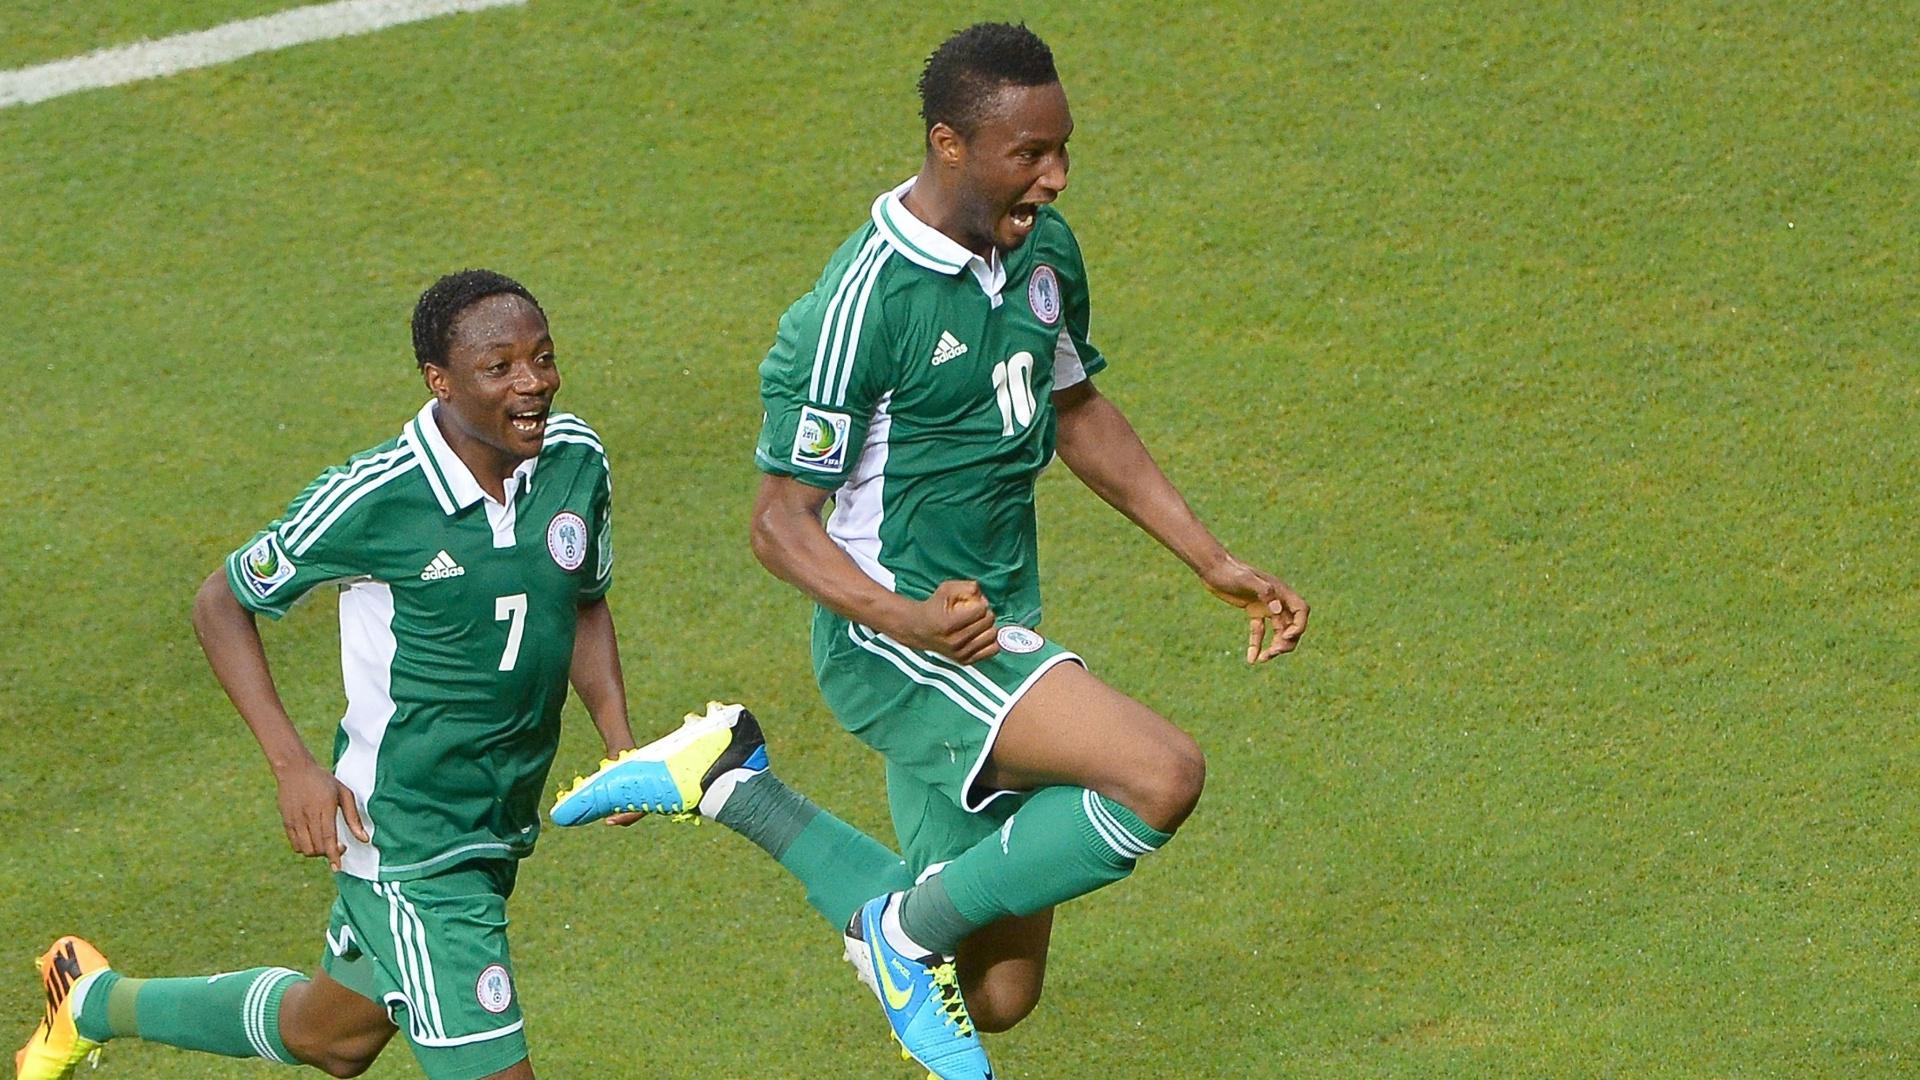 20.jun.2013 - Obi Mikel vibra com gol de empate da Nigéria em jogo contra o Uruguai pela Copa das Confederações